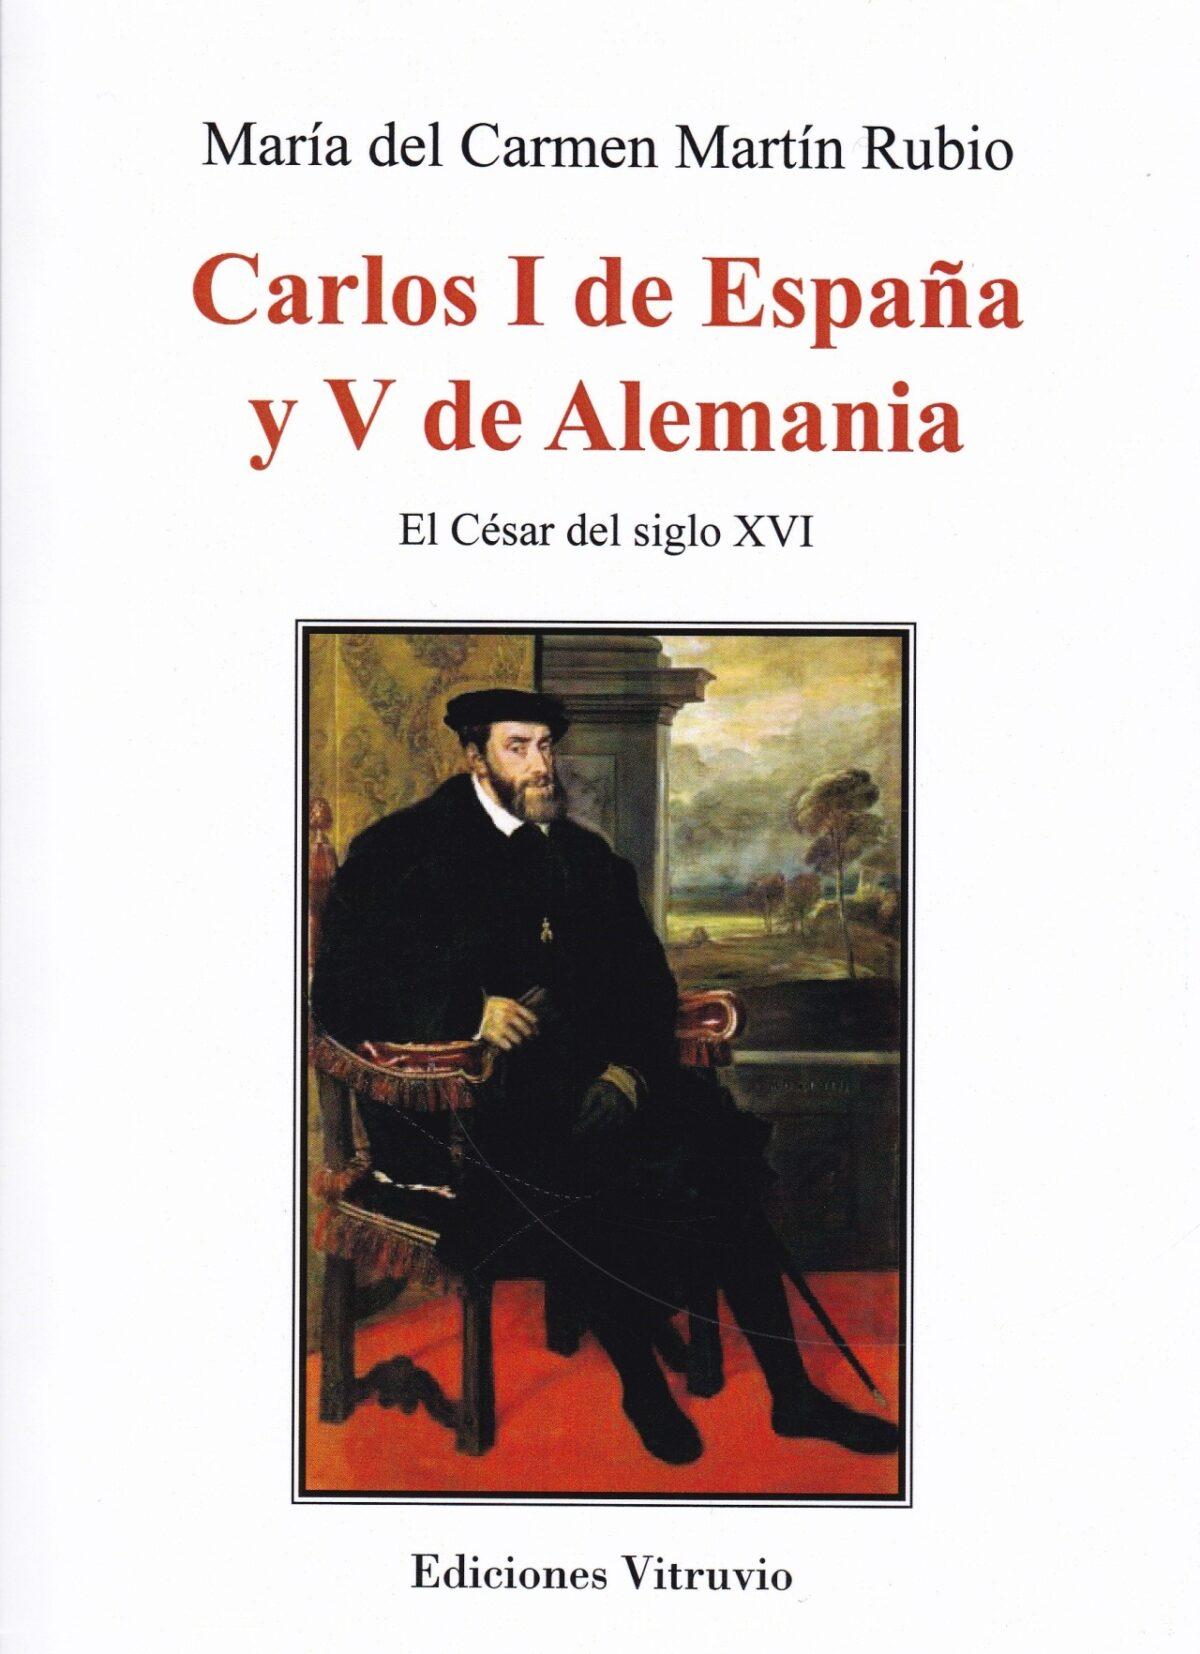 Carlos I de España y V de Alemania, El César del siglo XVI